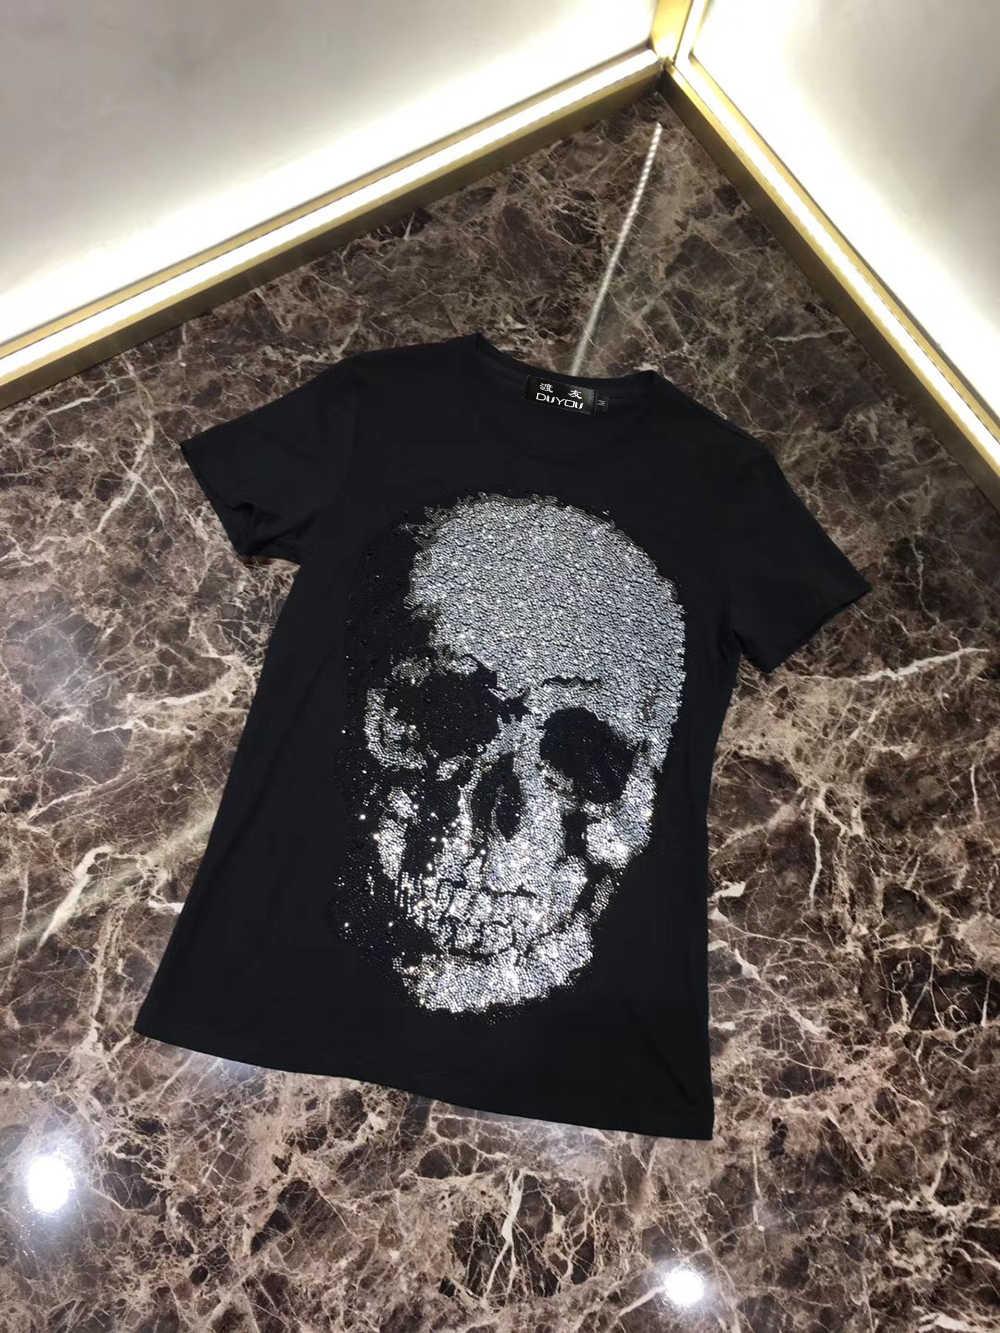 PPFRIEND kristal büyük kafatası erkek Tshirt Casual yuvarlak boyun kısa kollu Tees erkek beyaz siyah % 100% pamuklu T shirt erkek üstleri PP 9061